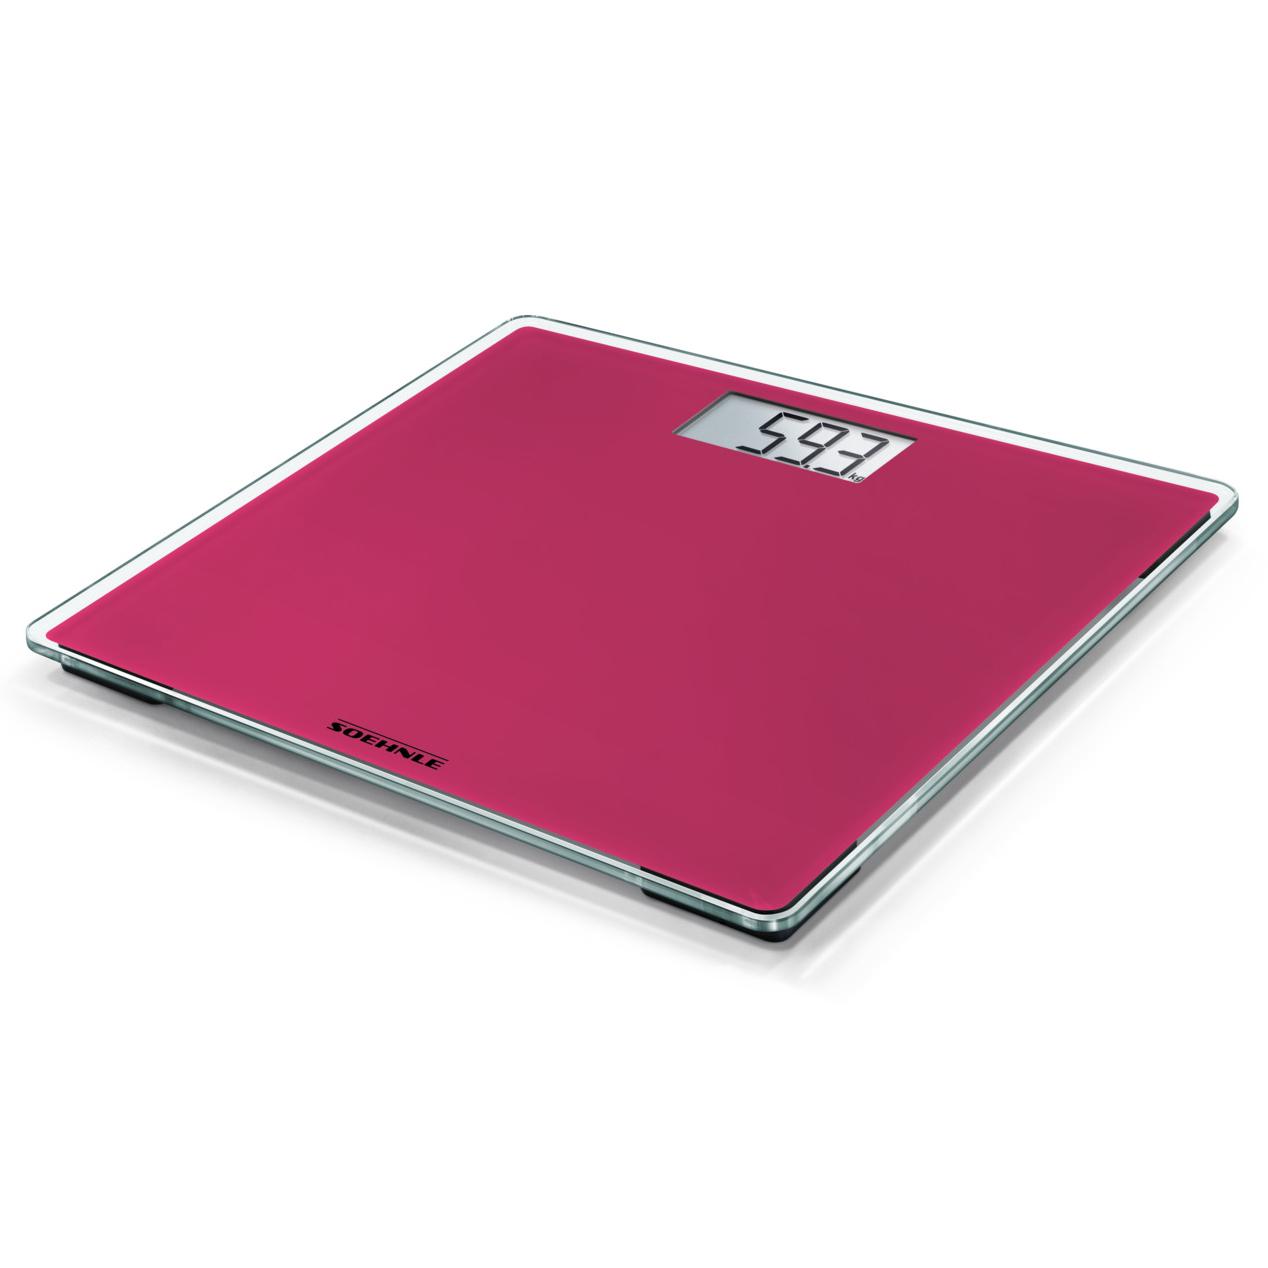 Soehnle Style Sense Compact 200 Think Pink osobní váha - digitální SOEHNLE 63876